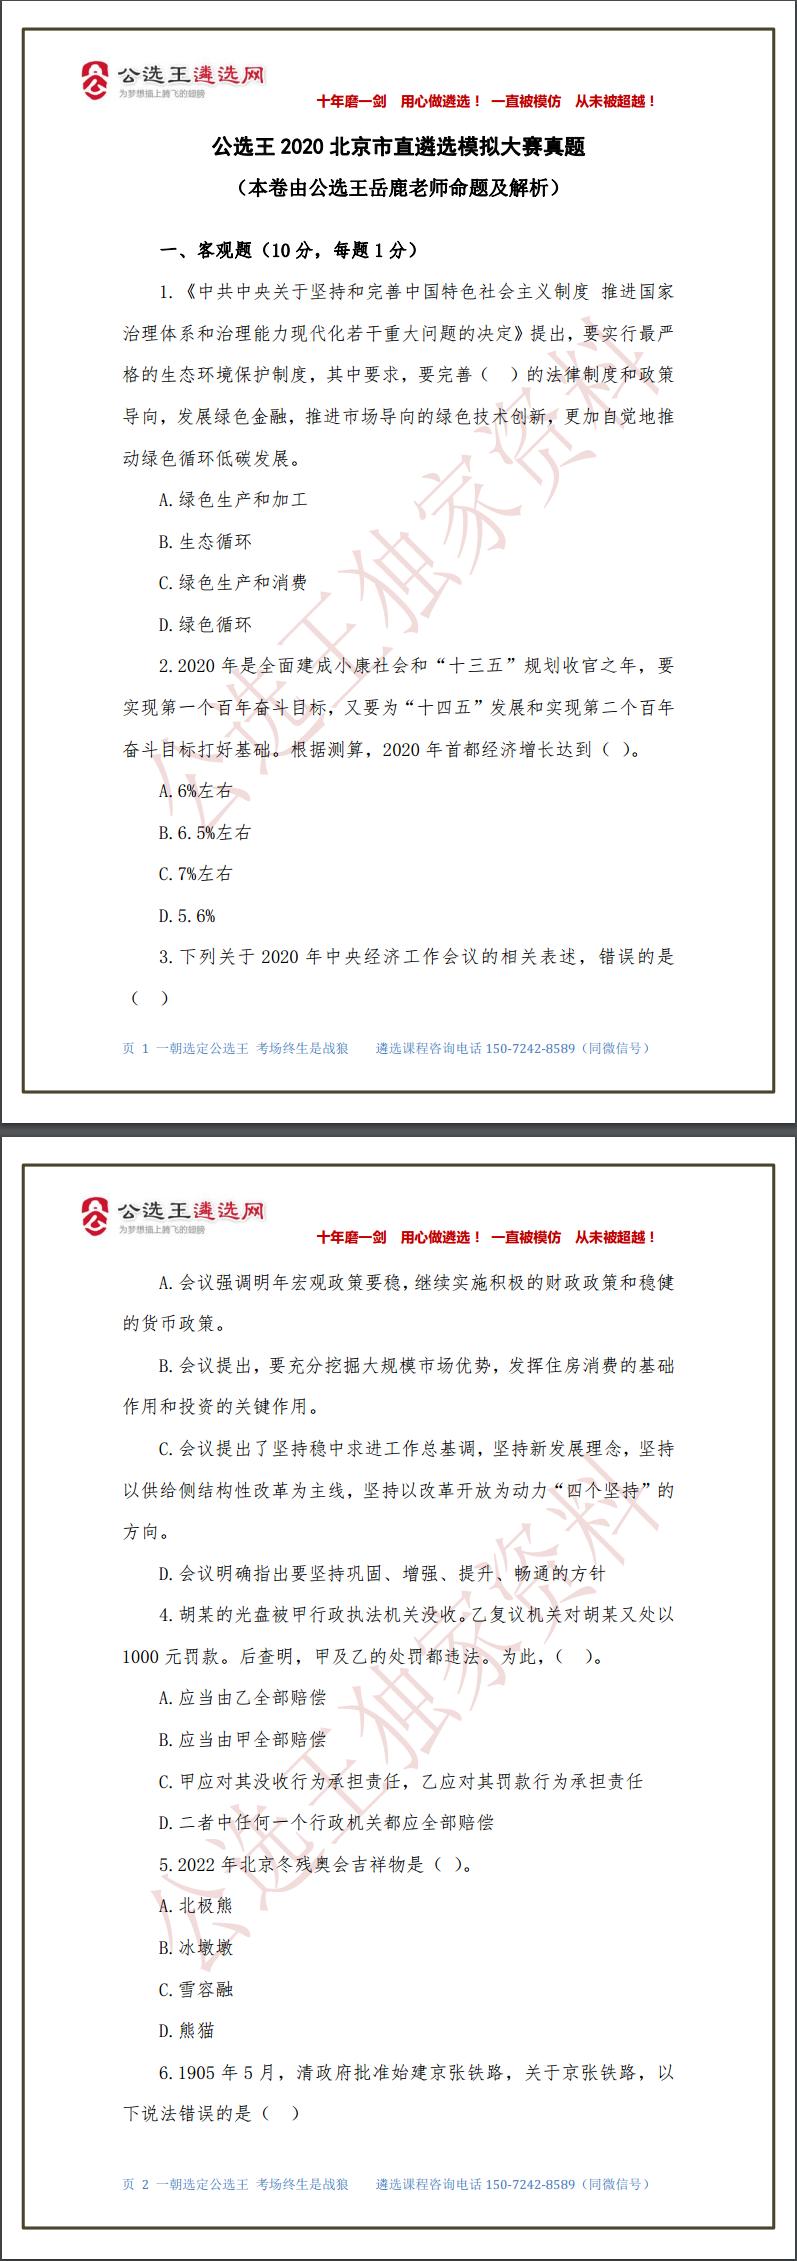 2020北京遴选模考.png